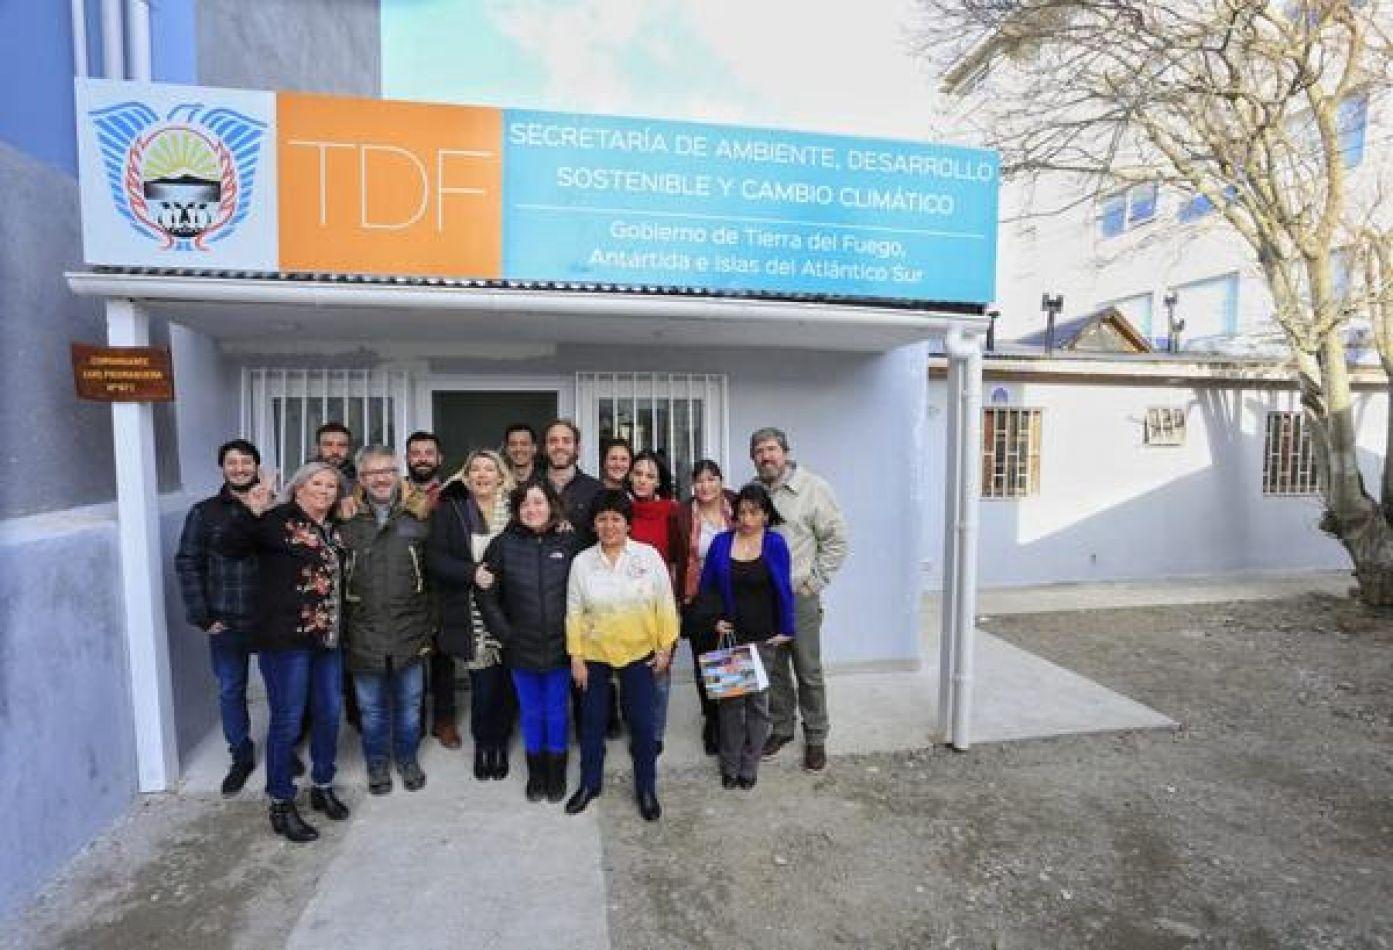 Bertone recorrió las nuevas instalaciones de la Secretaría de Ambiente ,Desarrollo Sostenible y Cambio Climático